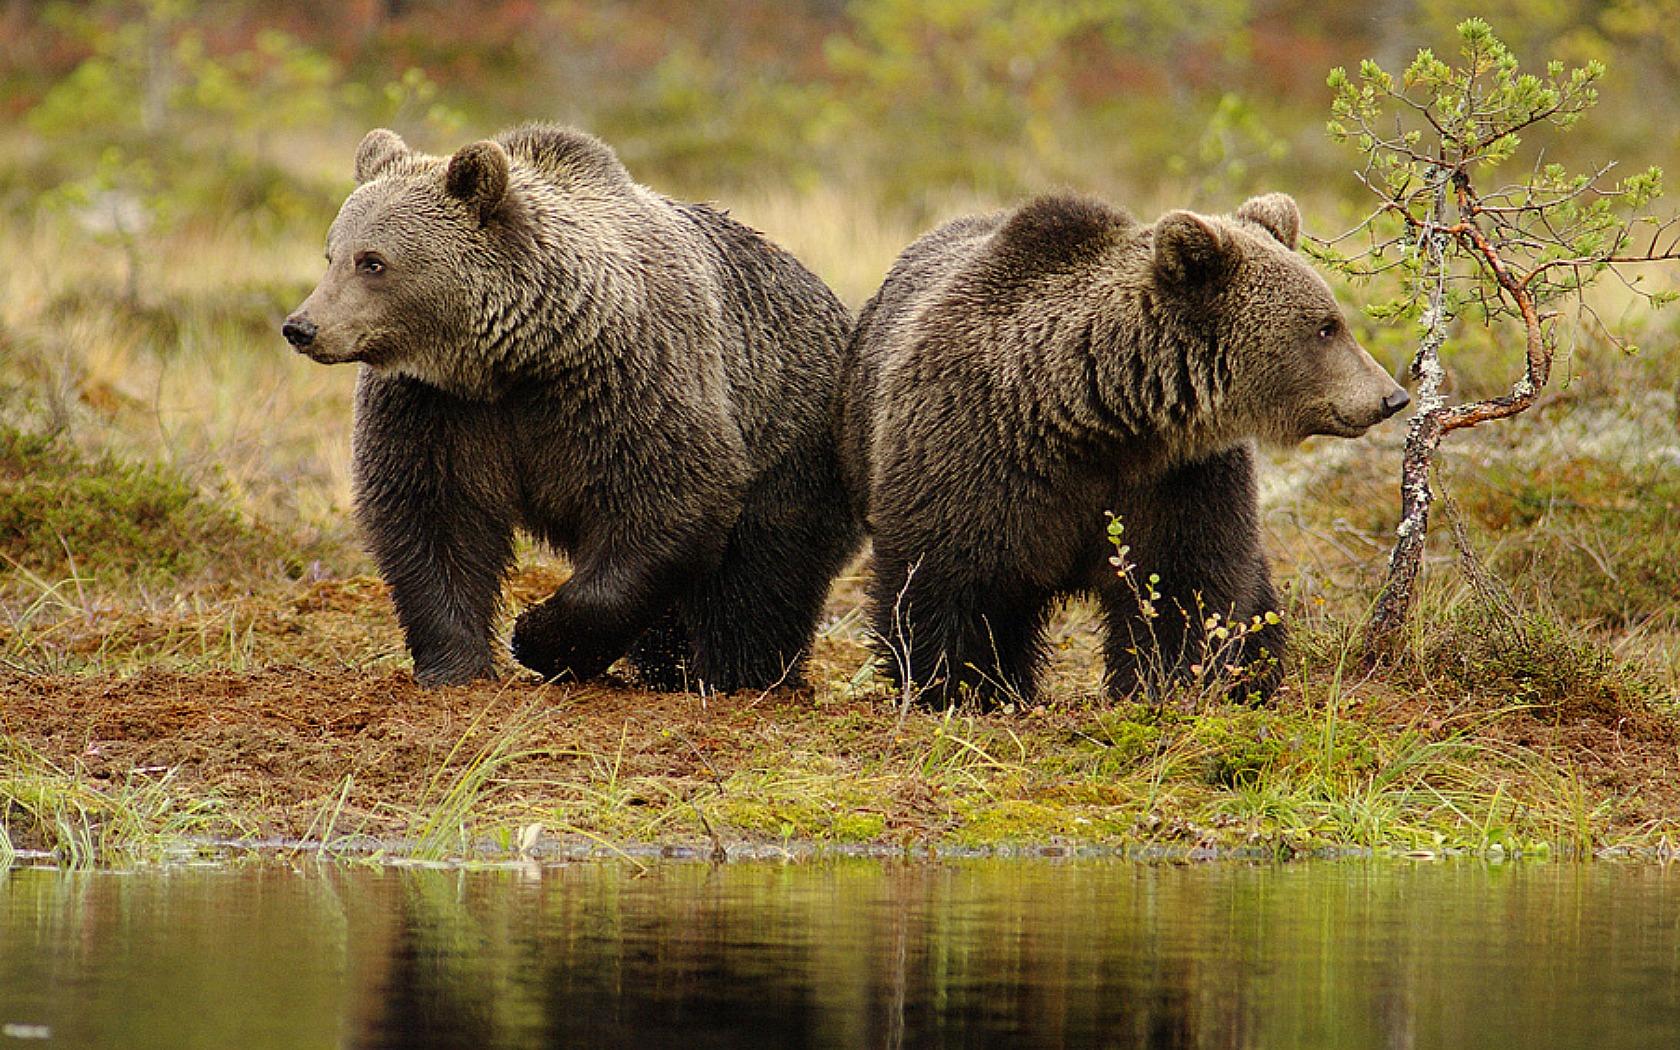 Реально ли нарваться на медведя в Карелии? - ВКонтакте